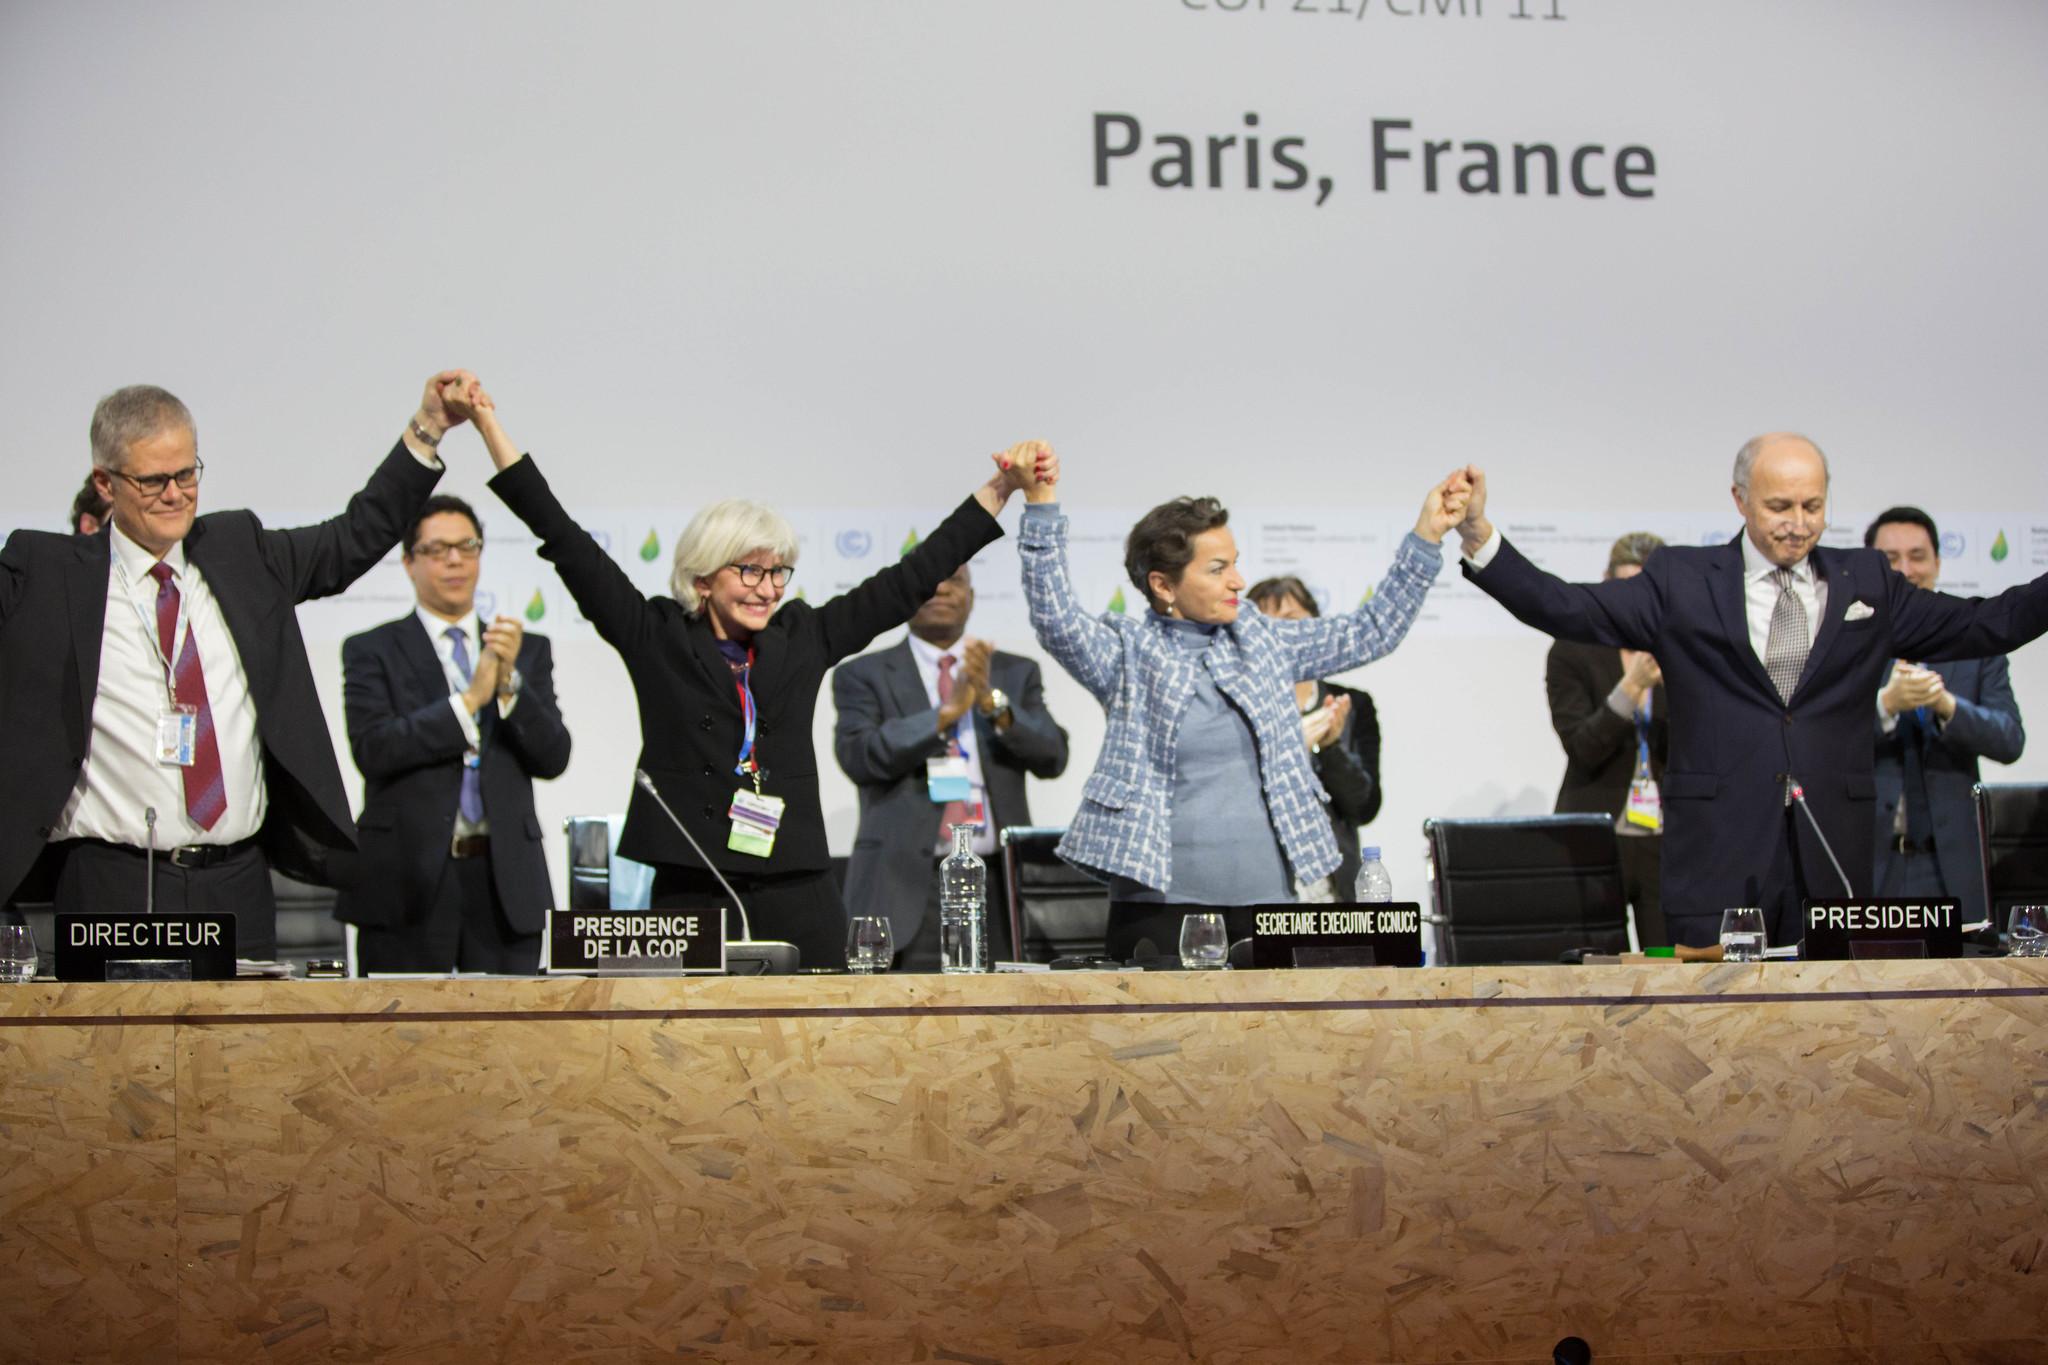 Momento de la firma del Acuerdo de París, en 2015. Foto: Flickr / ONU Climate Change